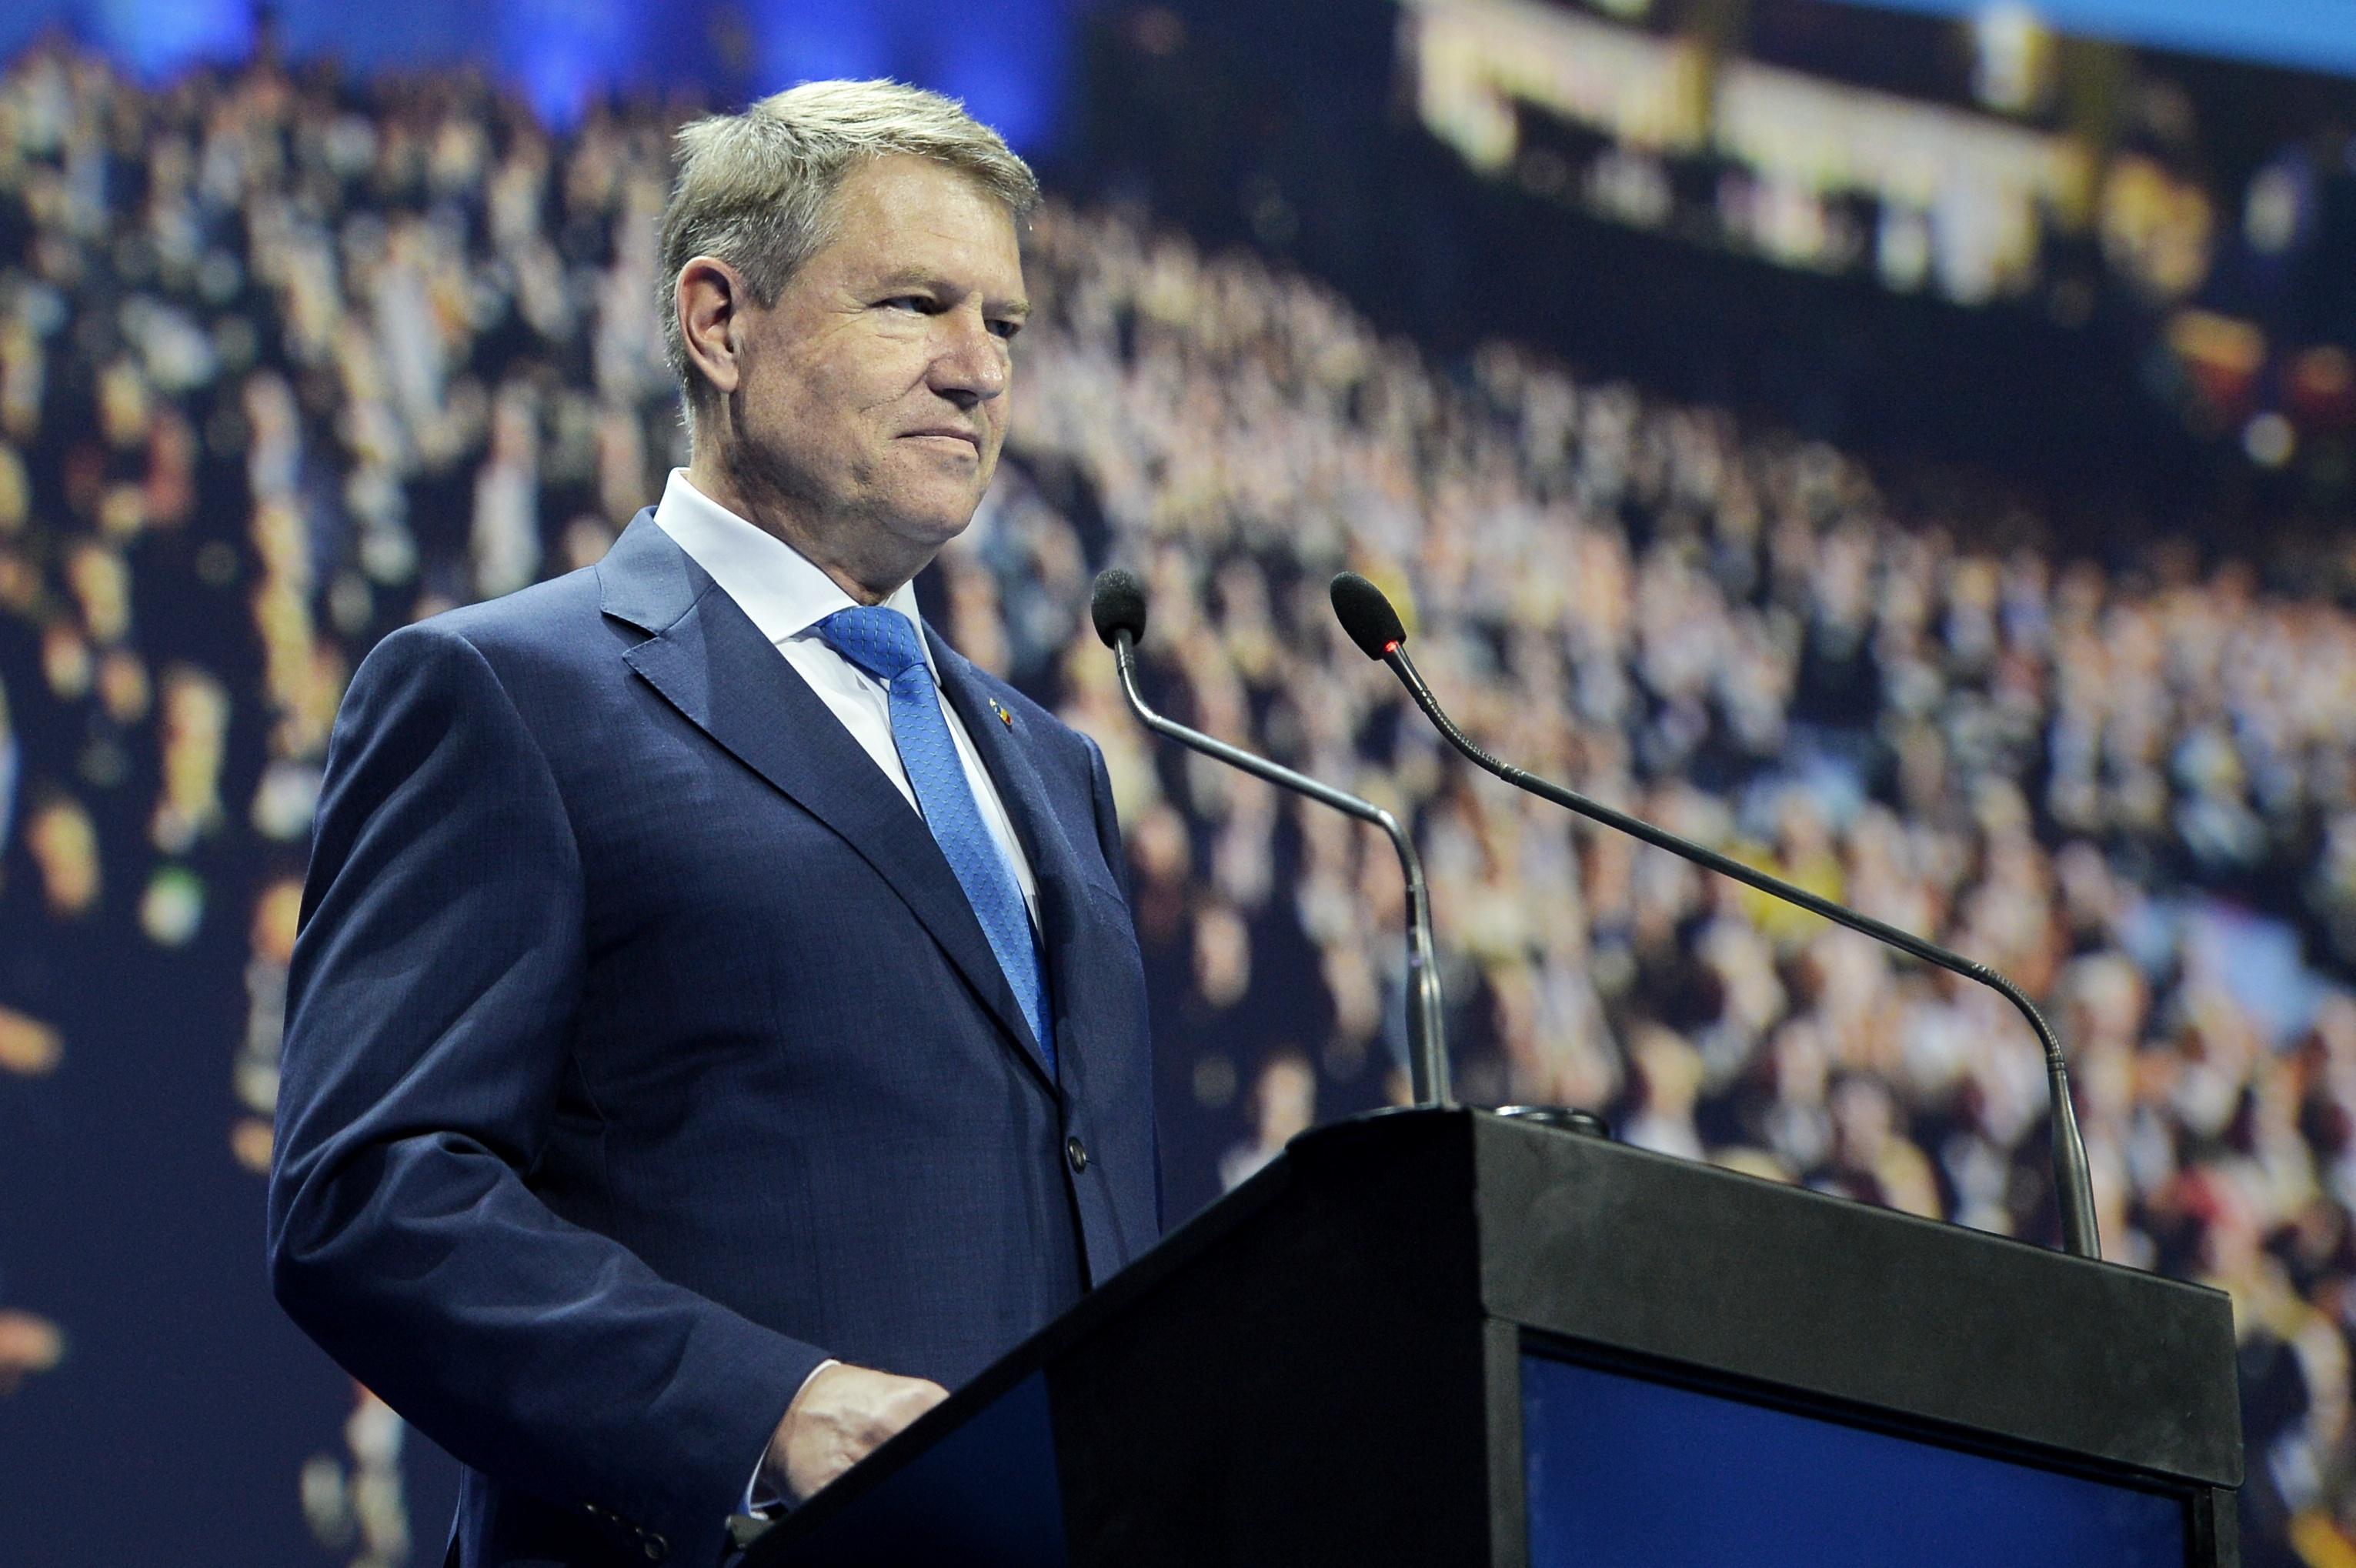 VIDEO Iohannis: Am început să reevaluez ideea unui referendum pentru a da românilor votul înapoi/ Problema se numeşte PSD. De-asta am ajuns să căutăm garanţii ale democraţiei şi bine facem